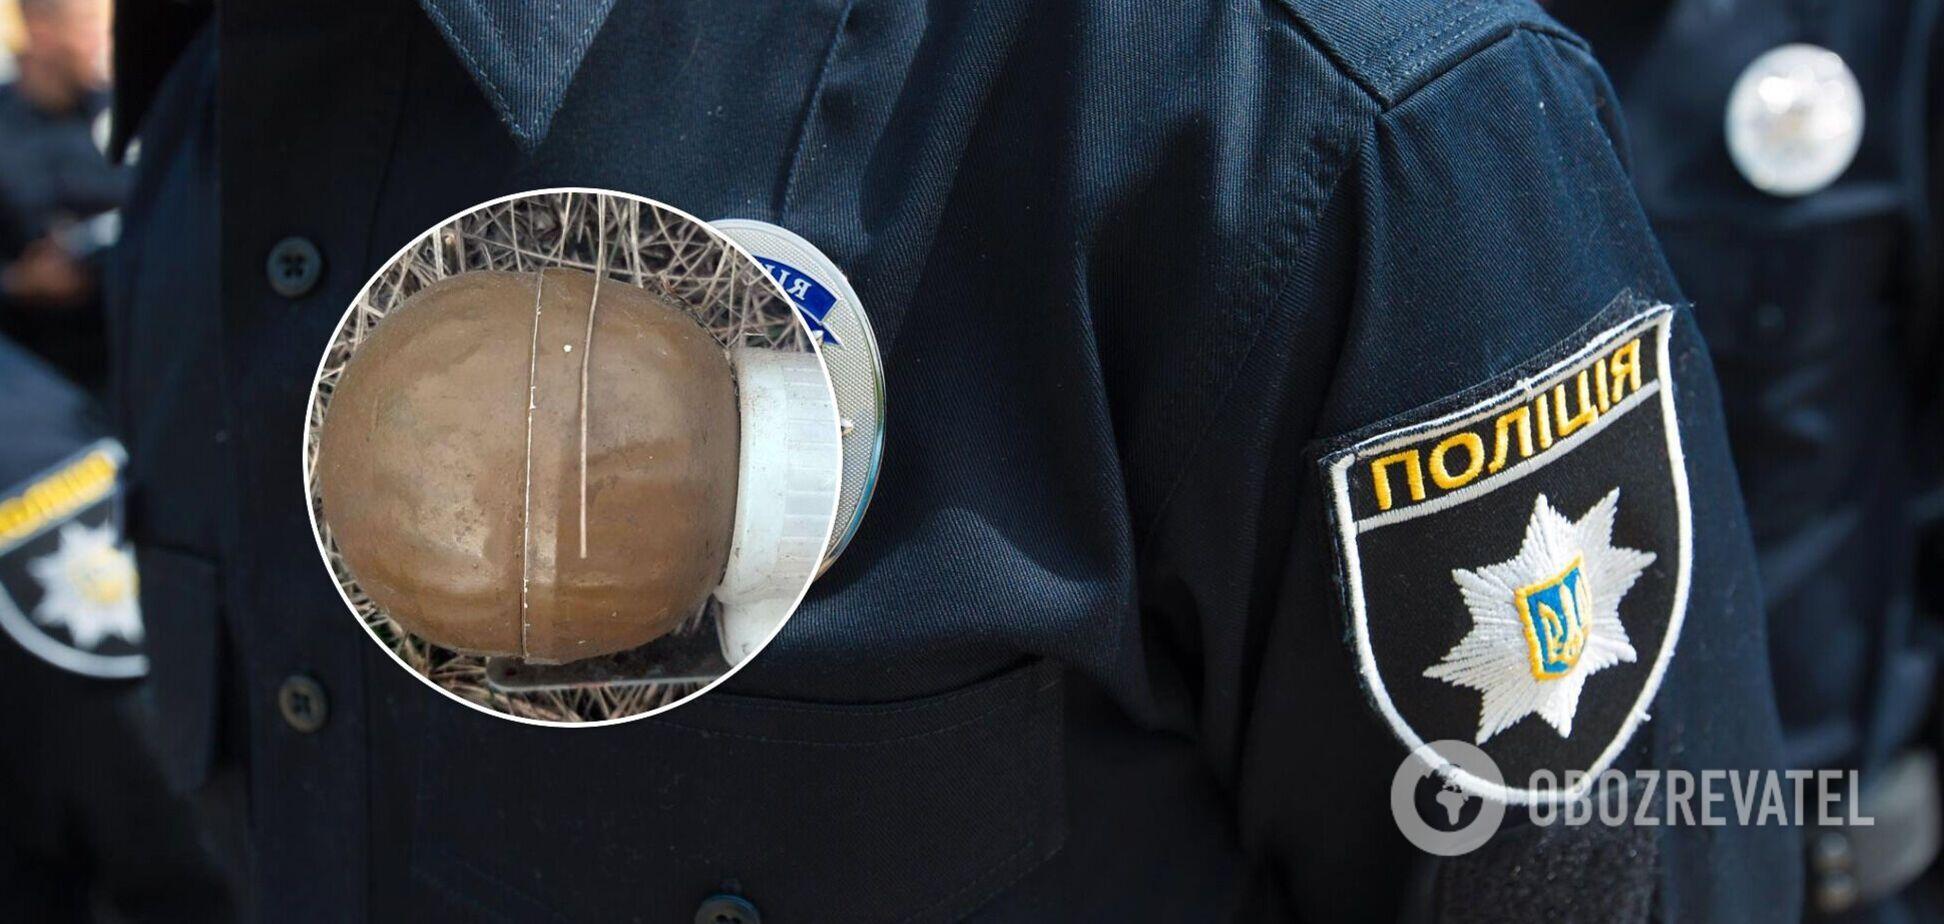 В Донецкой области дети наткнулись на гранату на стадионе. Фото